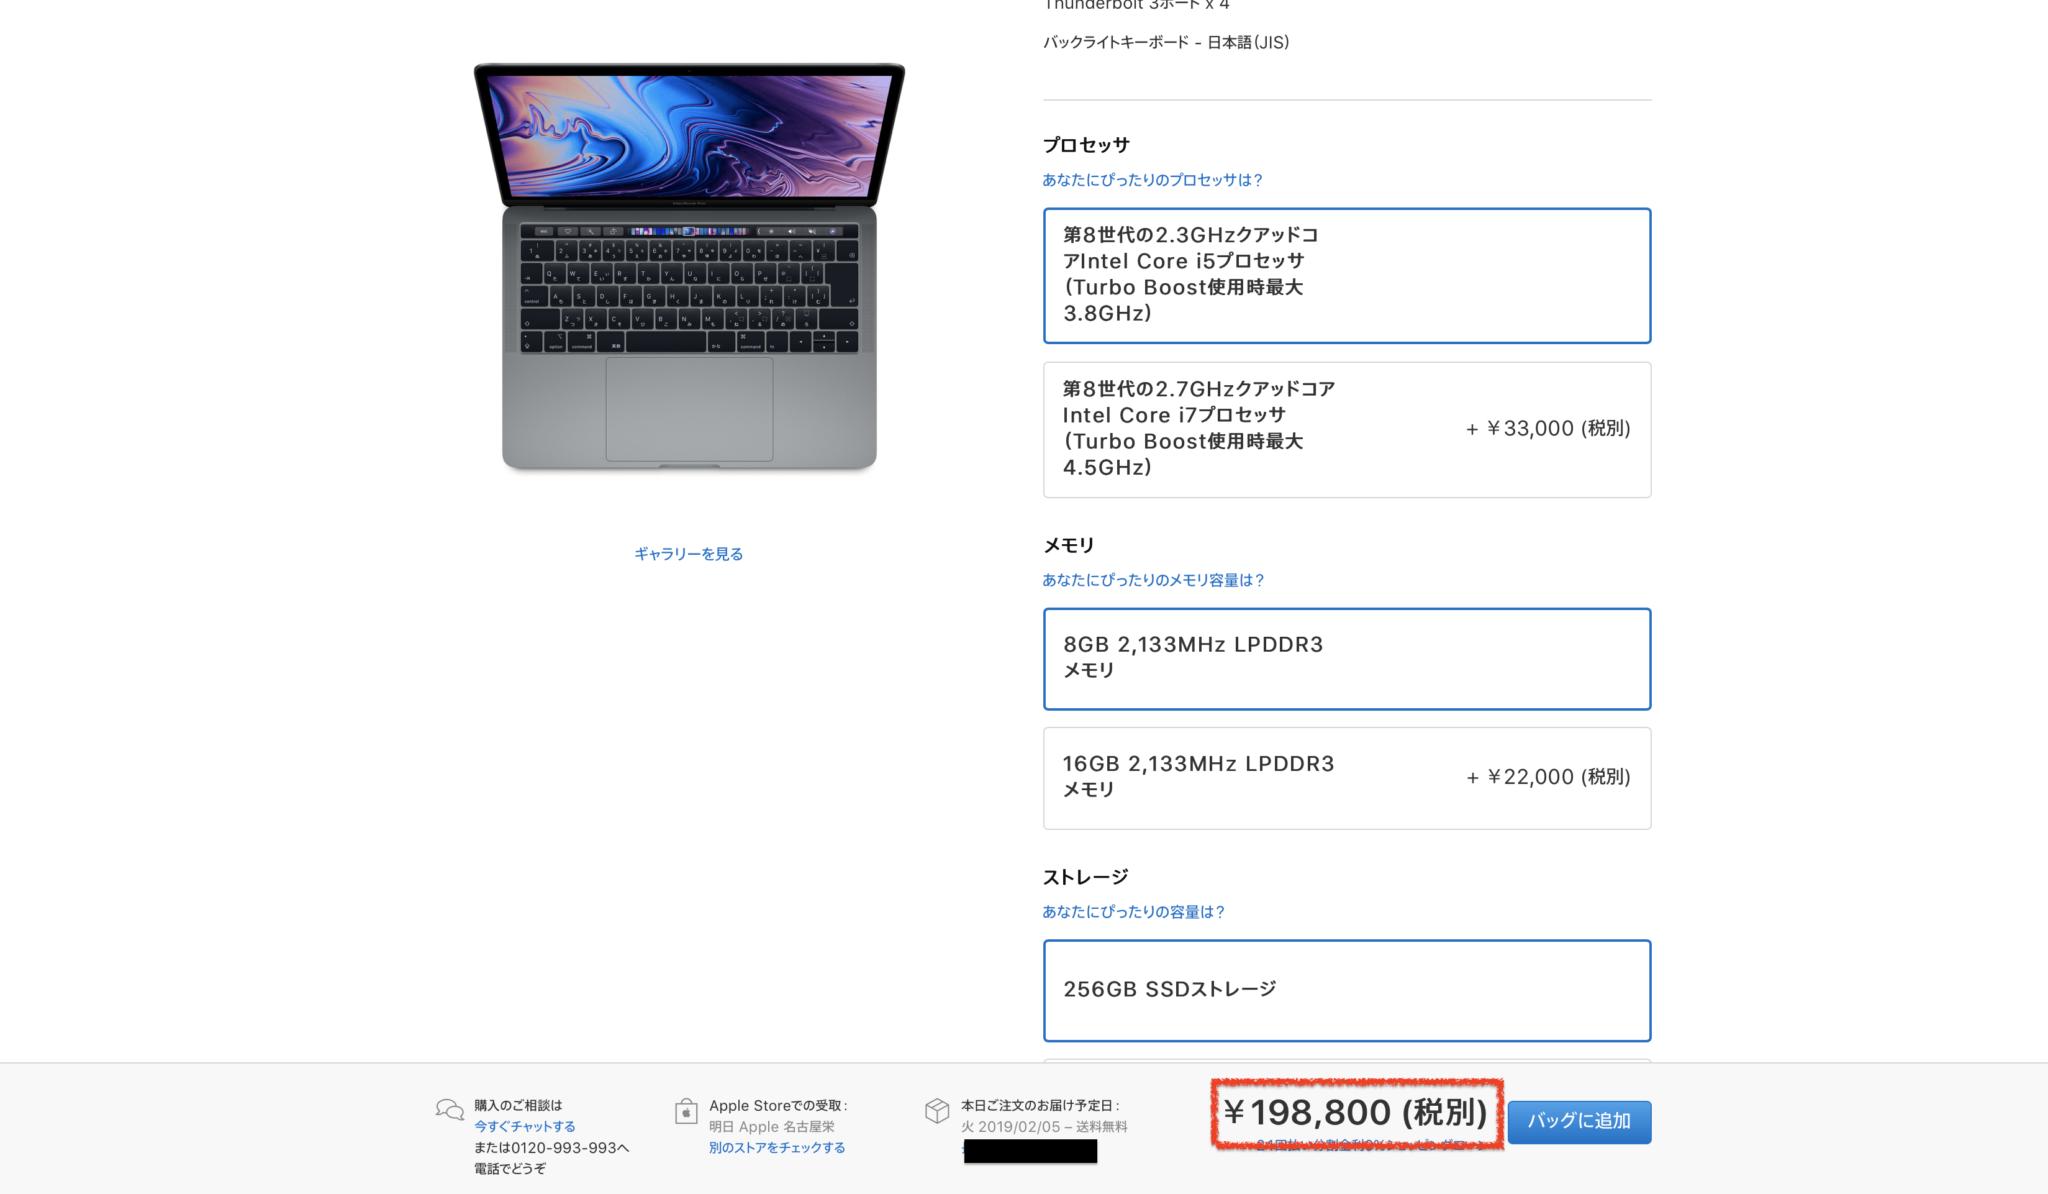 MacBook Pro カスタマイズ